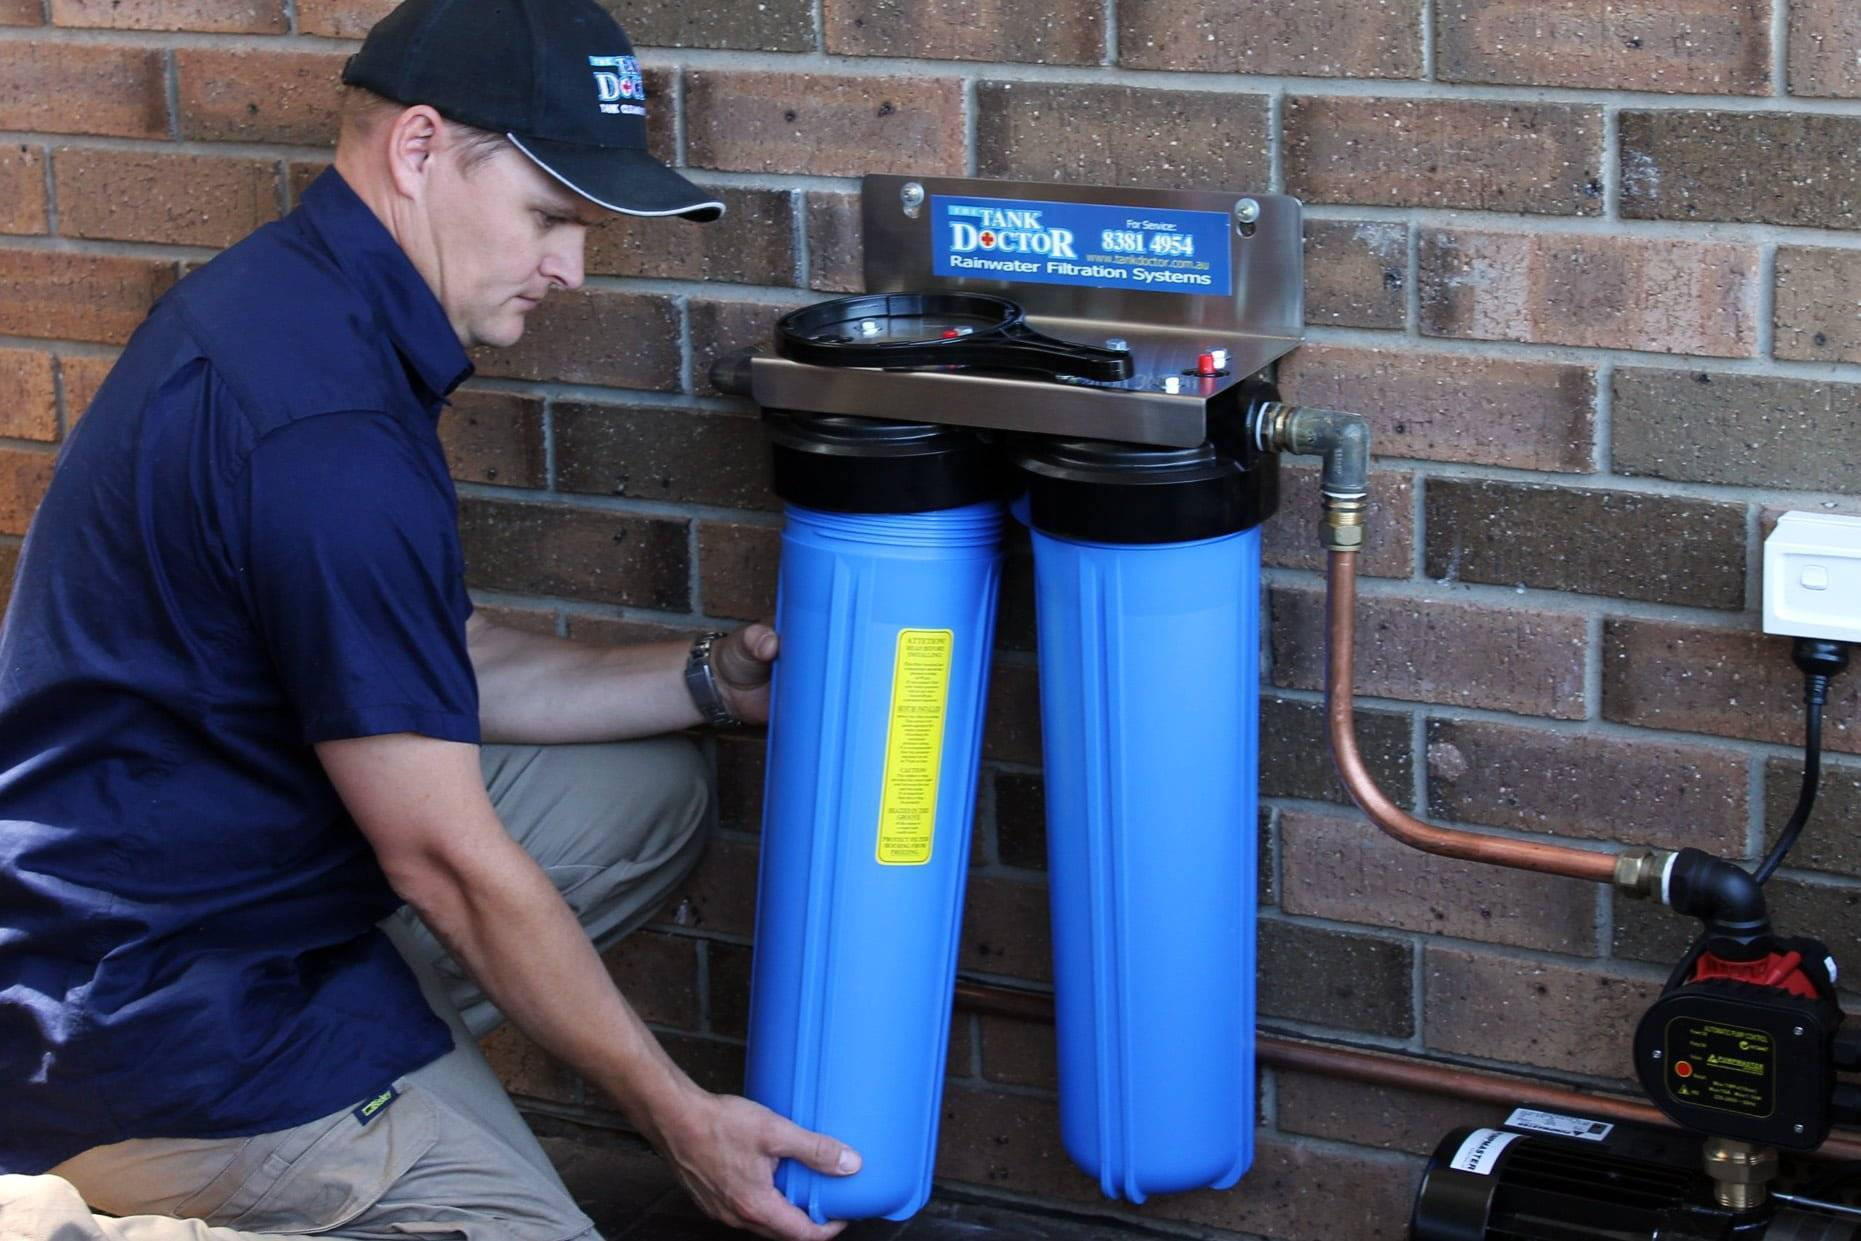 Установка фильтра для воды: как поменять и поставить изделие для очистки воды в квартире, порядок установки, как устанавливать устройство